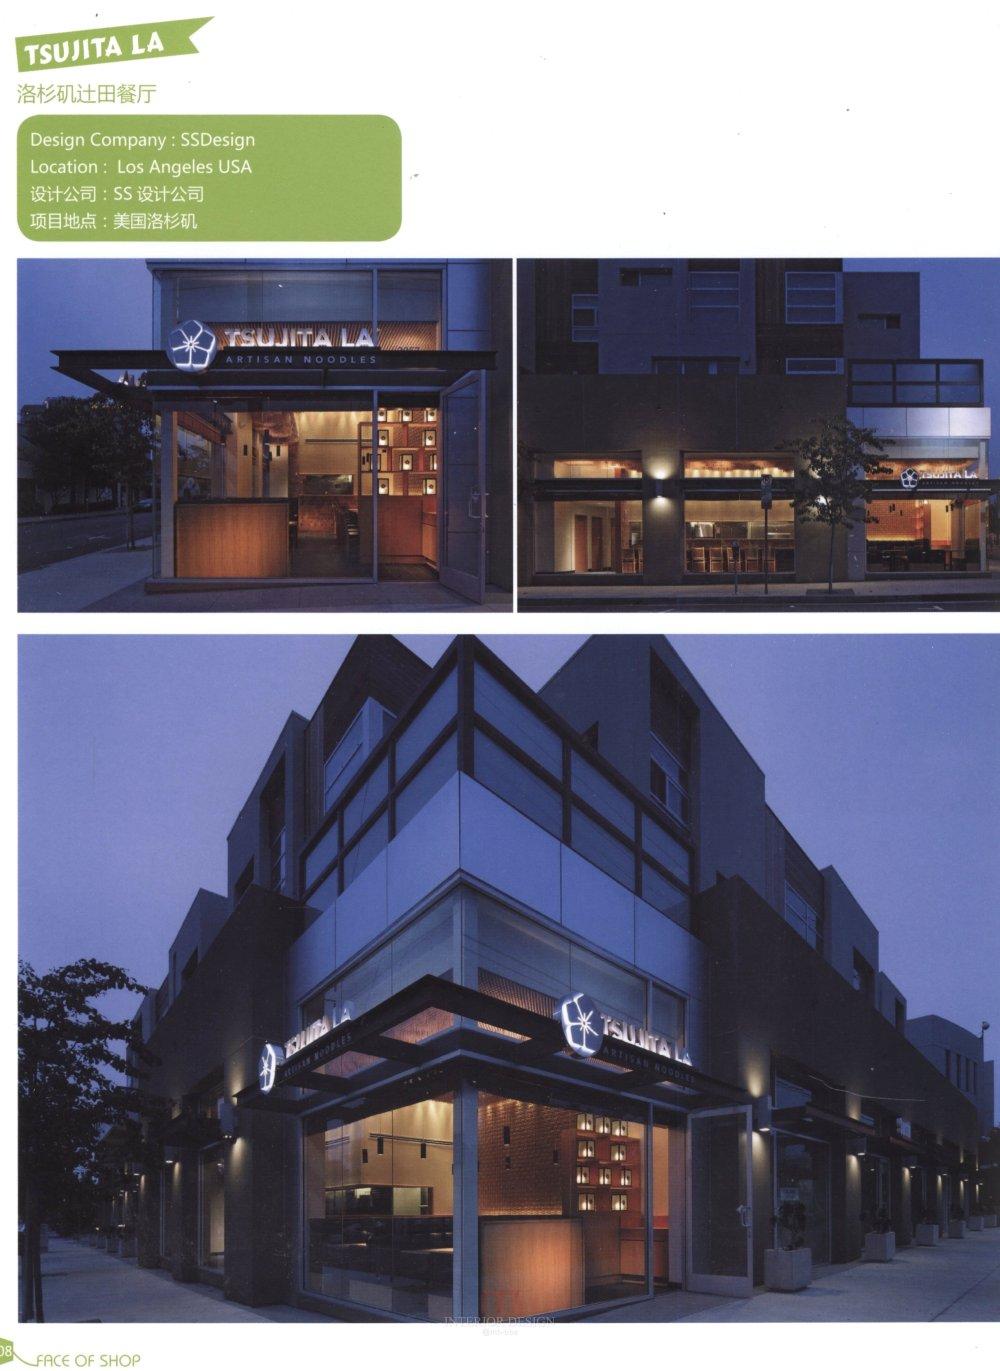 商业店铺、门头设计_kebi 0201.jpg